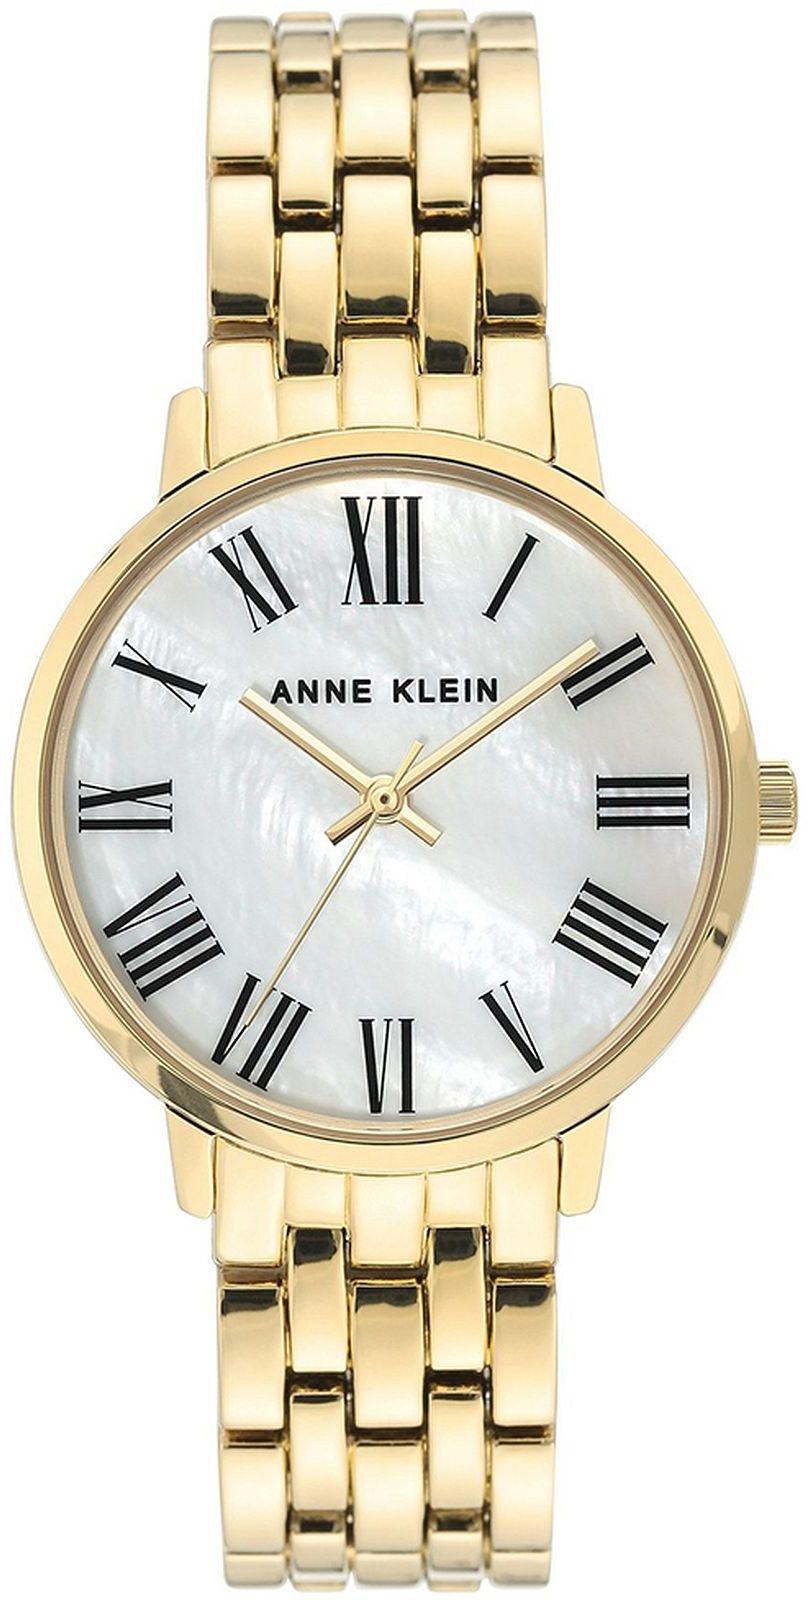 Anne Klein AK/3680MPGB > Wysyłka tego samego dnia Grawer 0zł Darmowa dostawa Kurierem/Inpost Darmowy zwrot przez 100 DNI